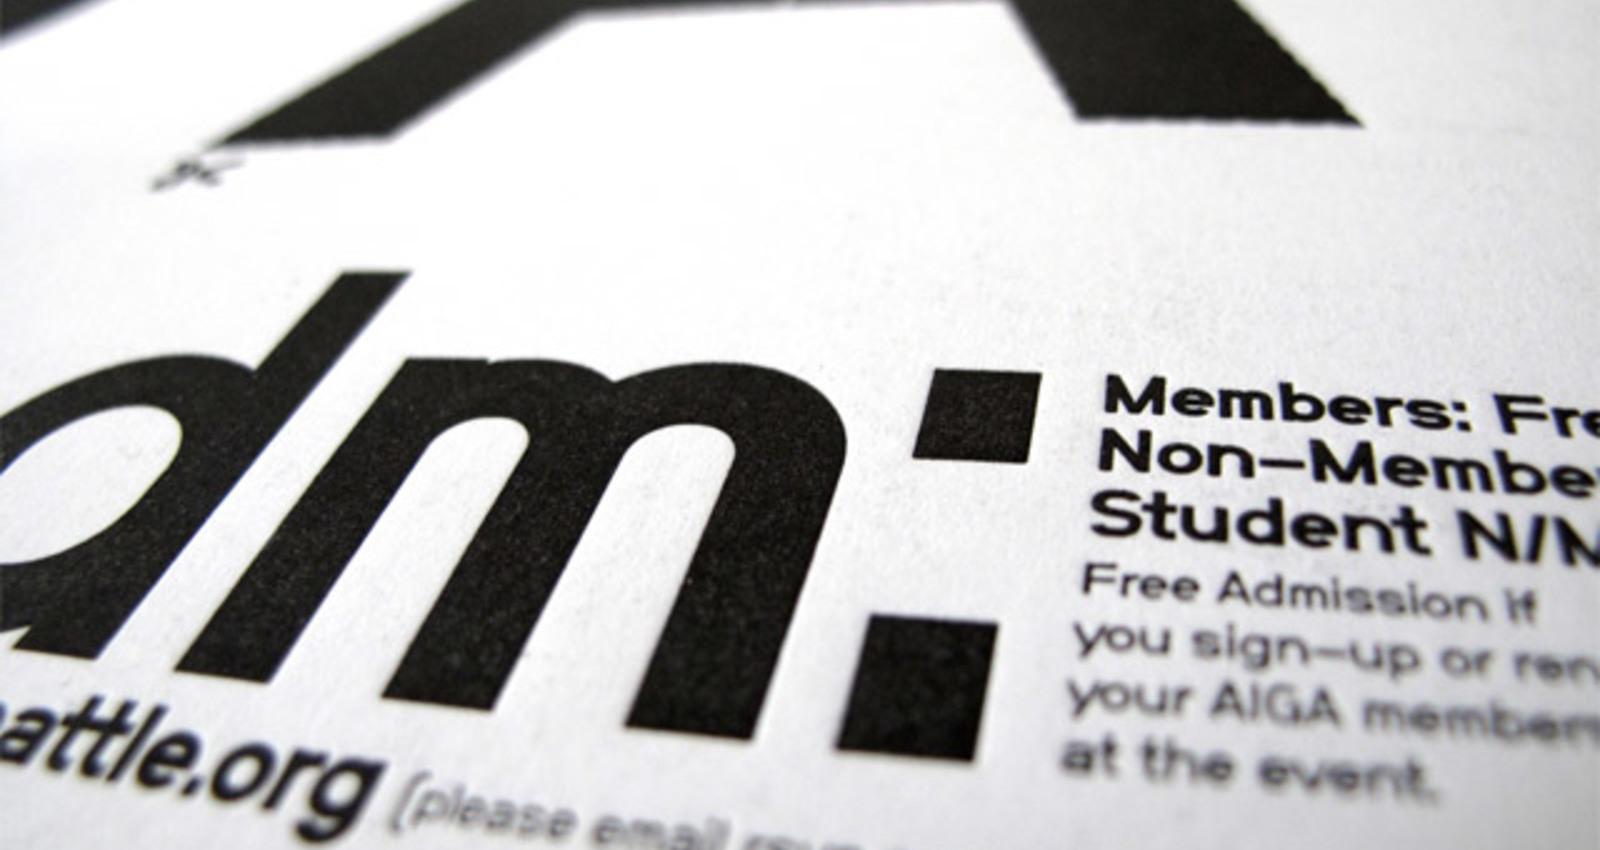 2009 Membership Party Invitation